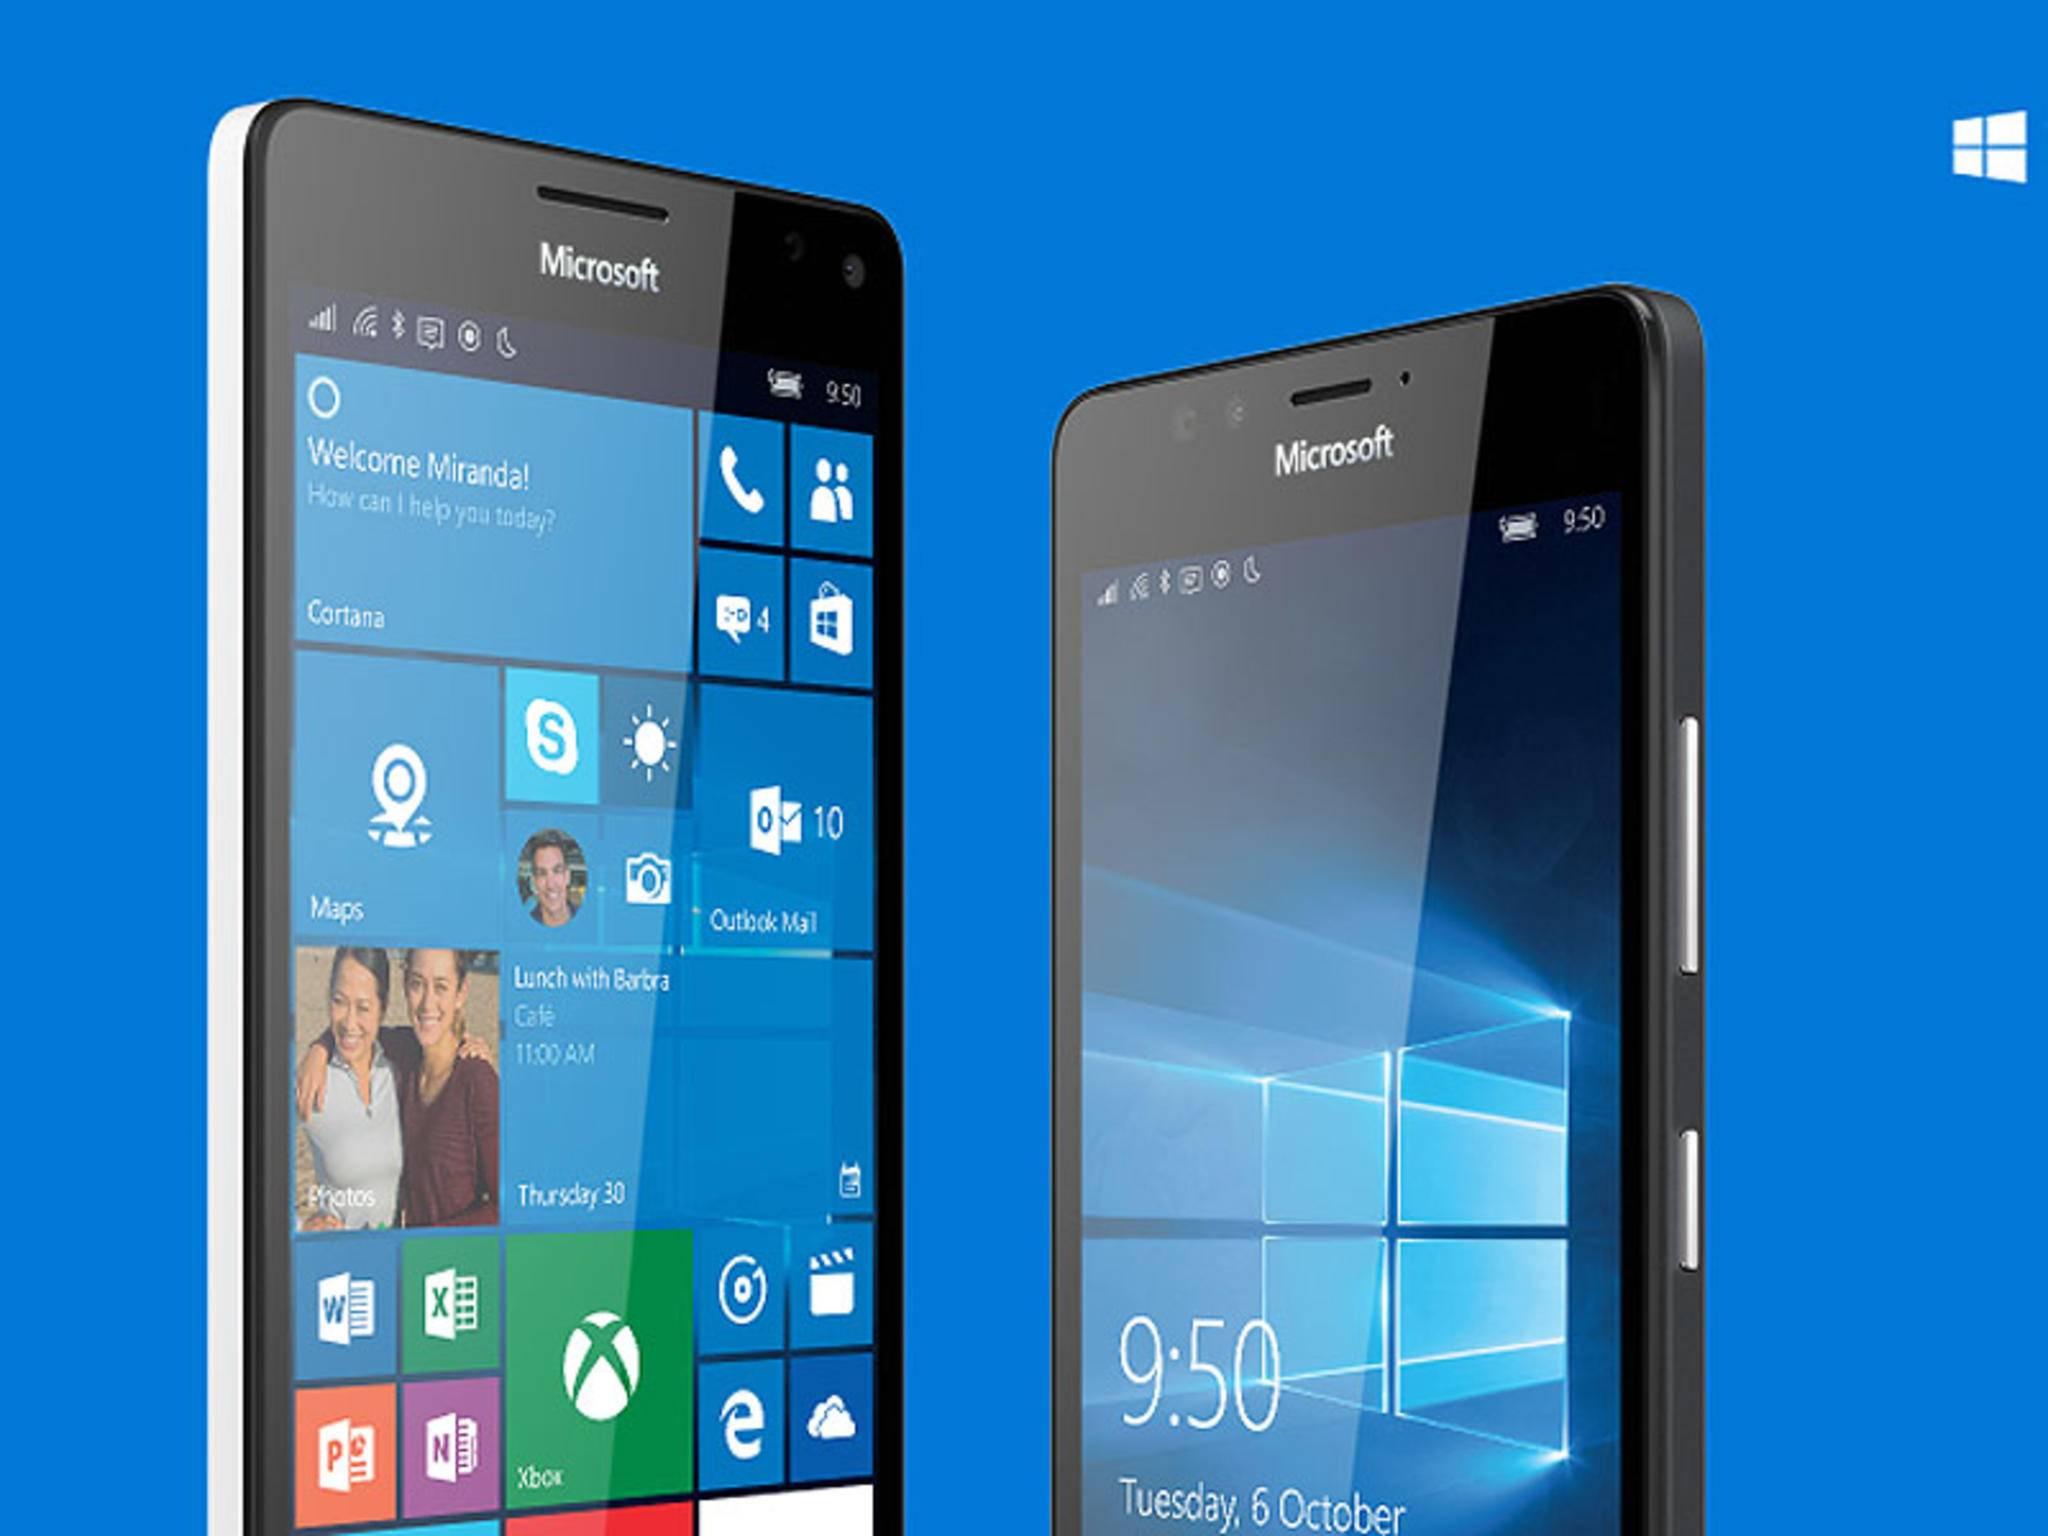 So sehen die neuen Smartphones Lumia 950 und Lumia 950 XL aus.